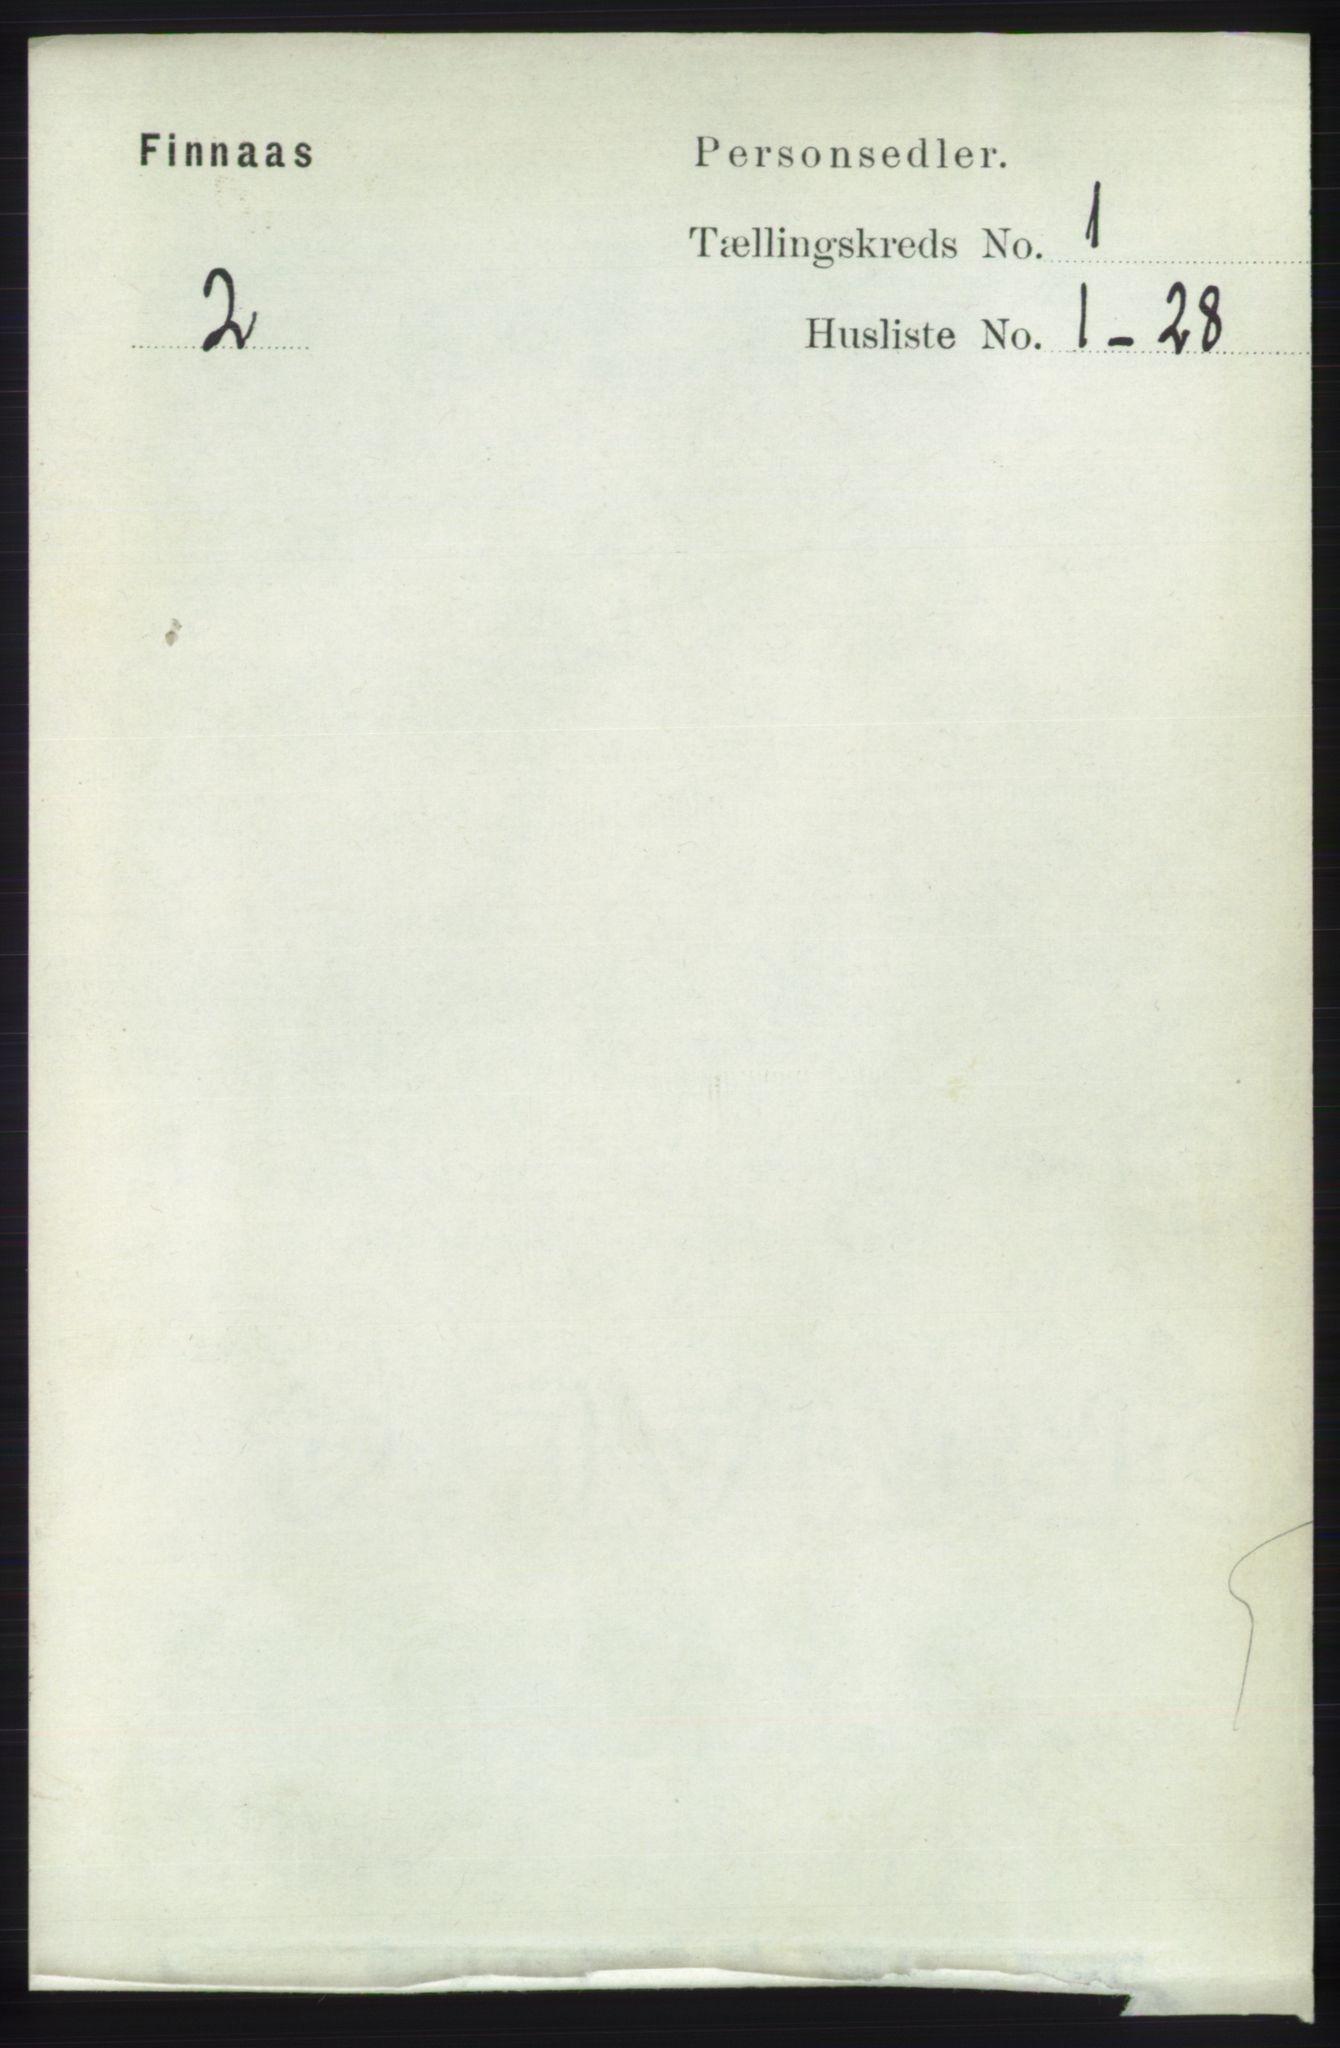 RA, Folketelling 1891 for 1218 Finnås herred, 1891, s. 134